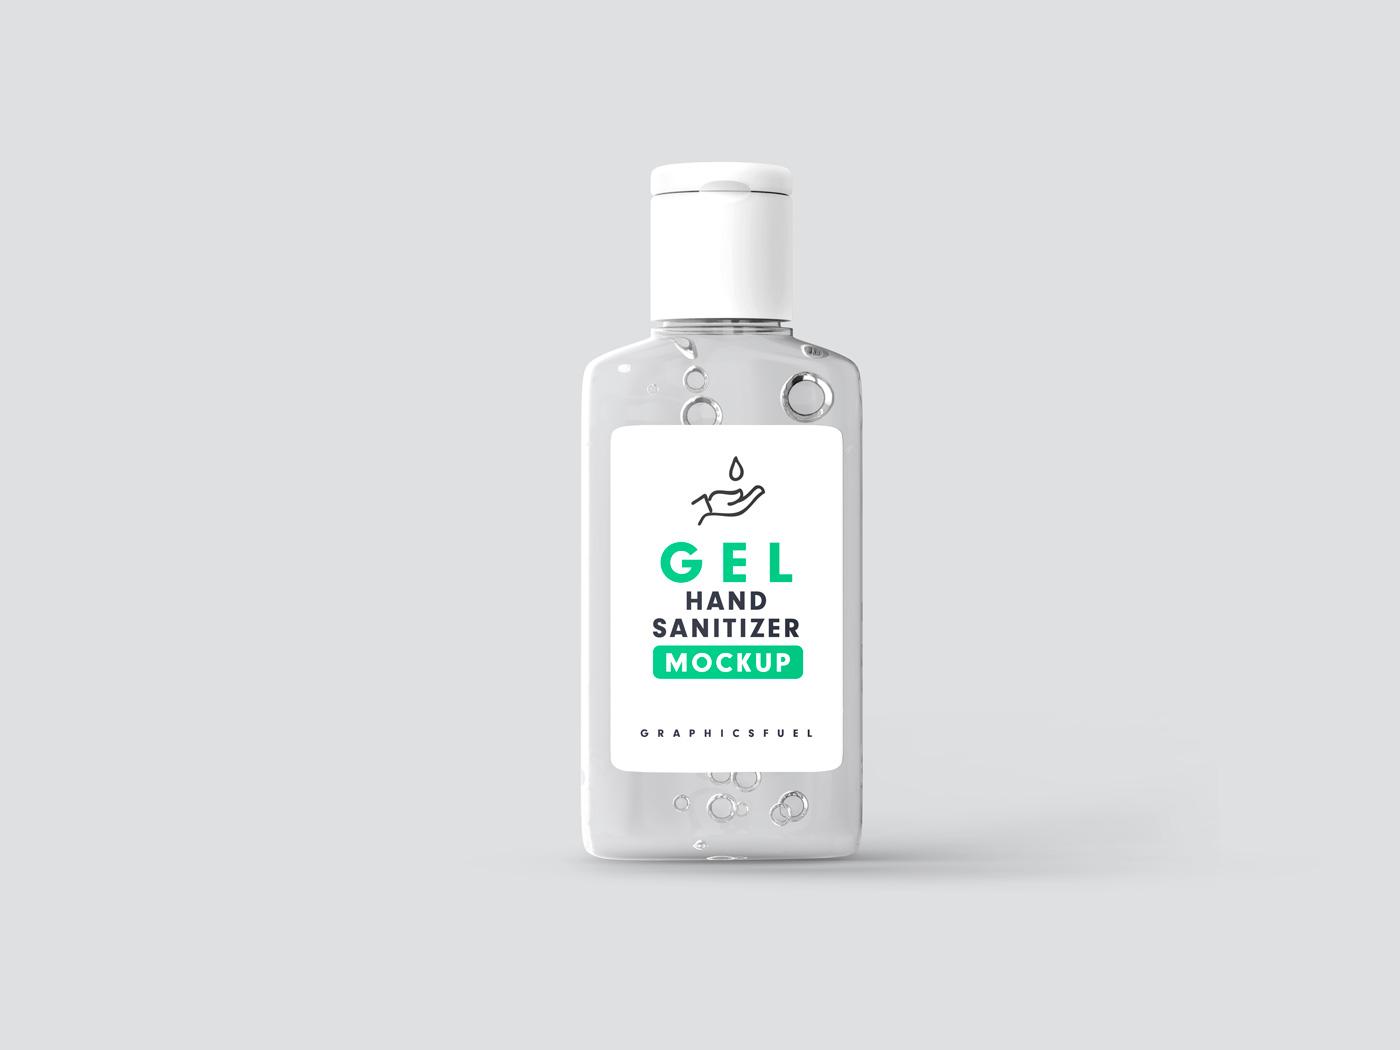 Hand Sanitizer Bottle Mockup PSD